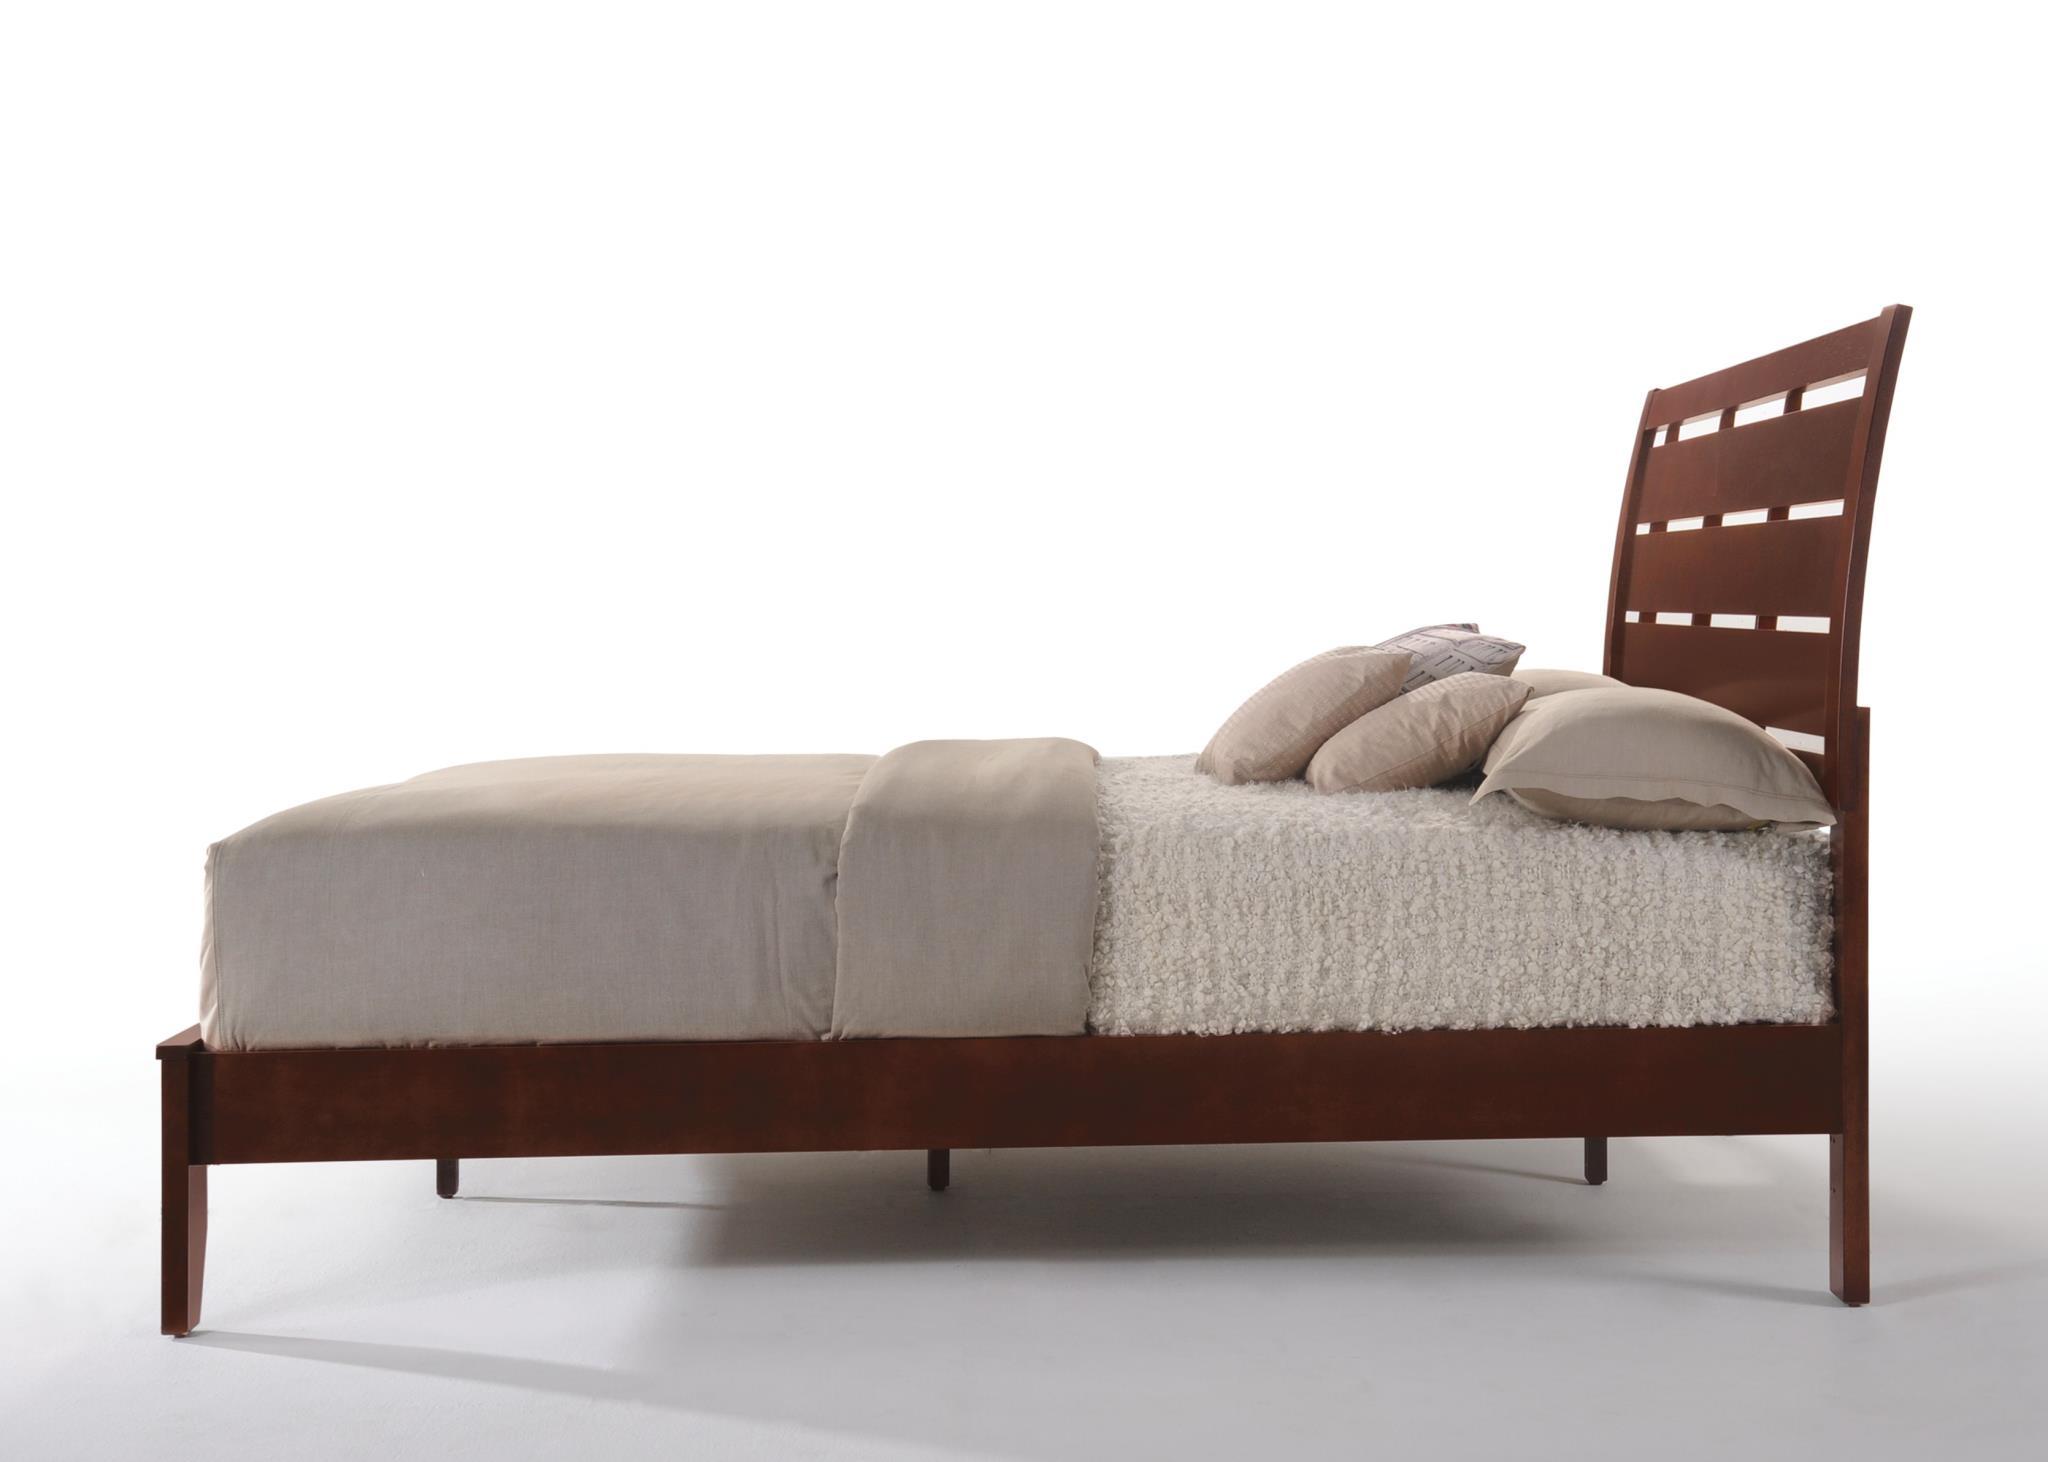 Bed Angle